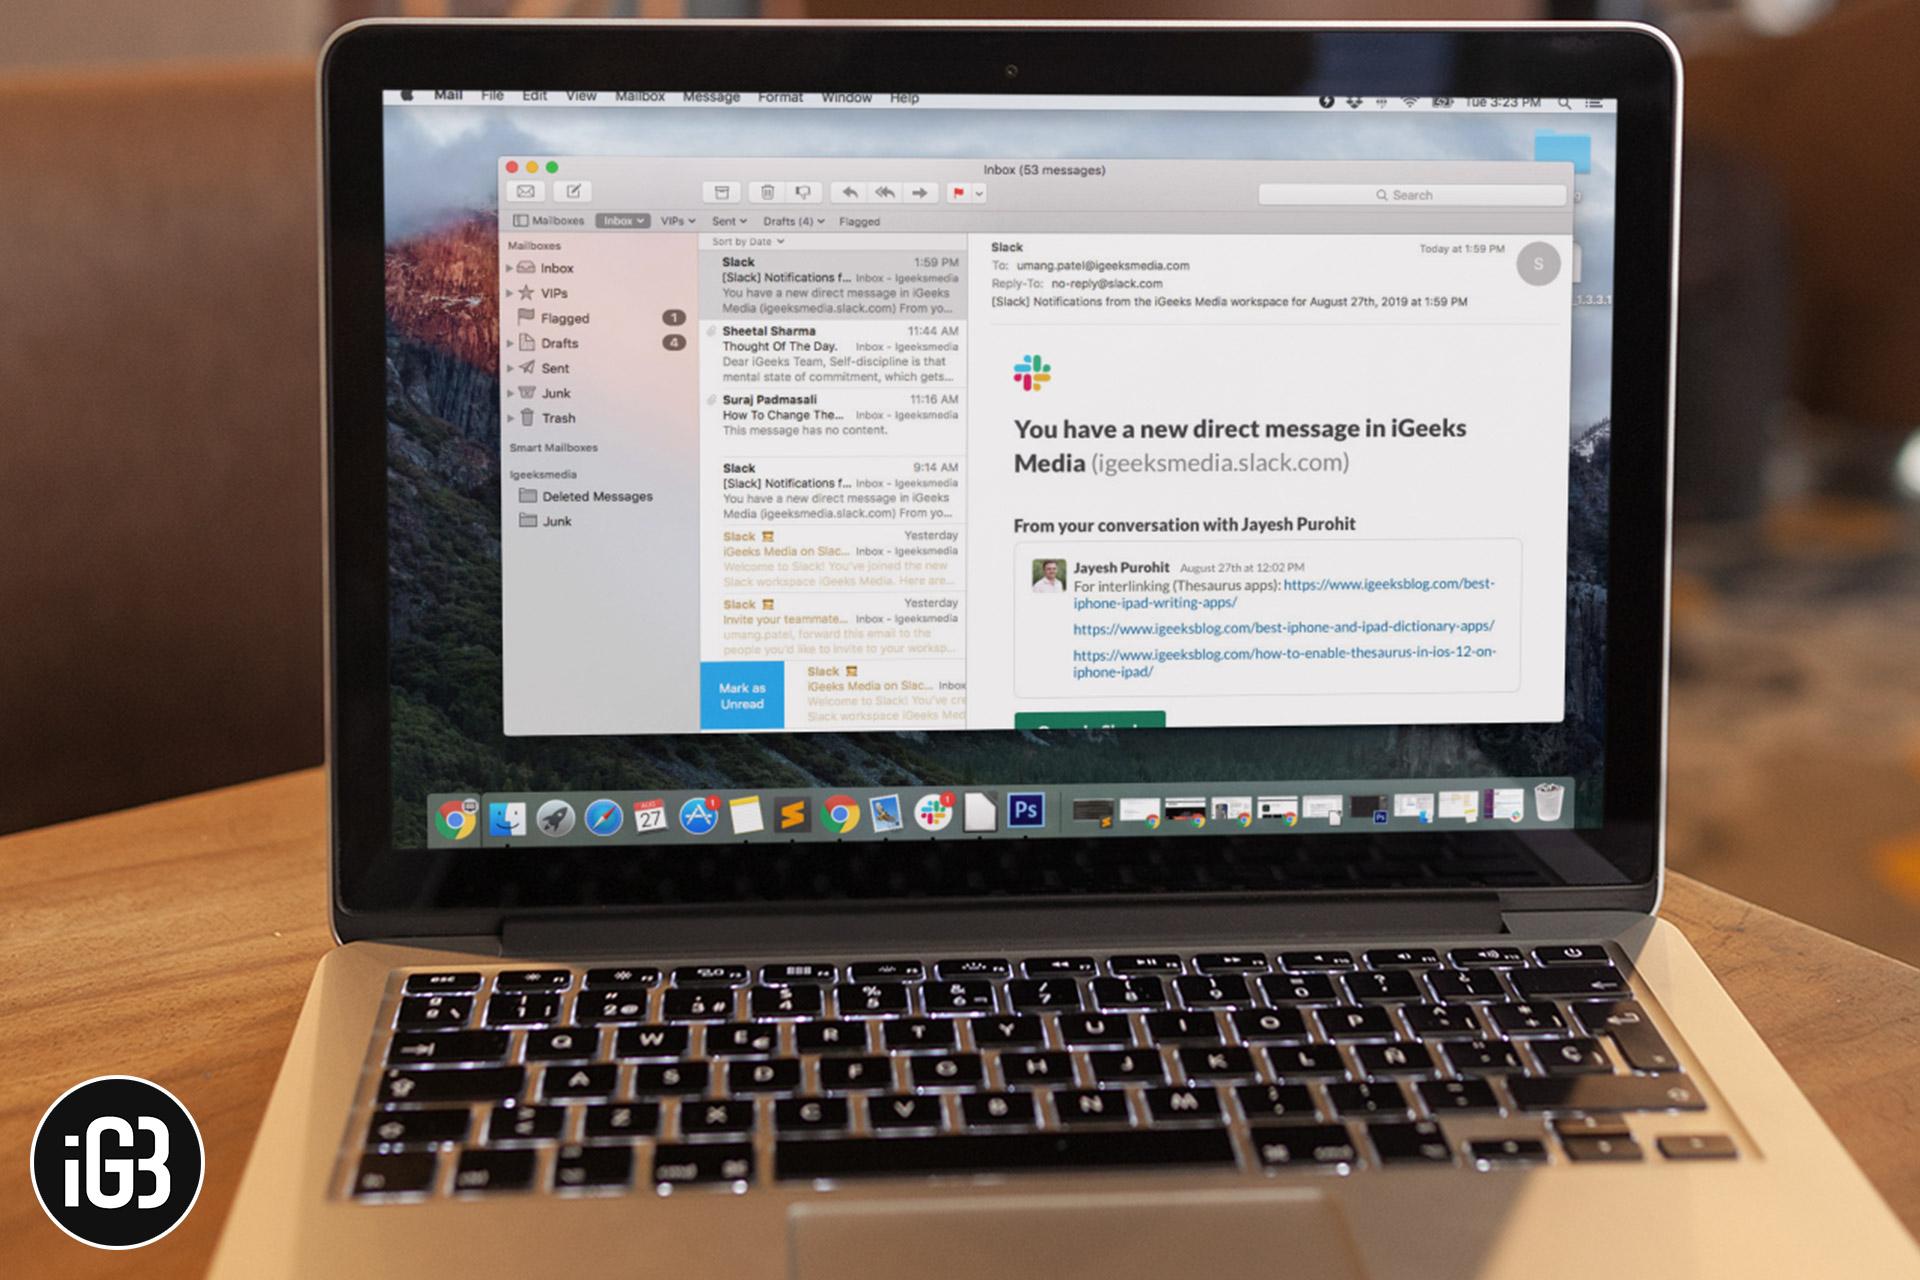 Cómo cambiar la configuración de fuente y color en la aplicación Mac Mail